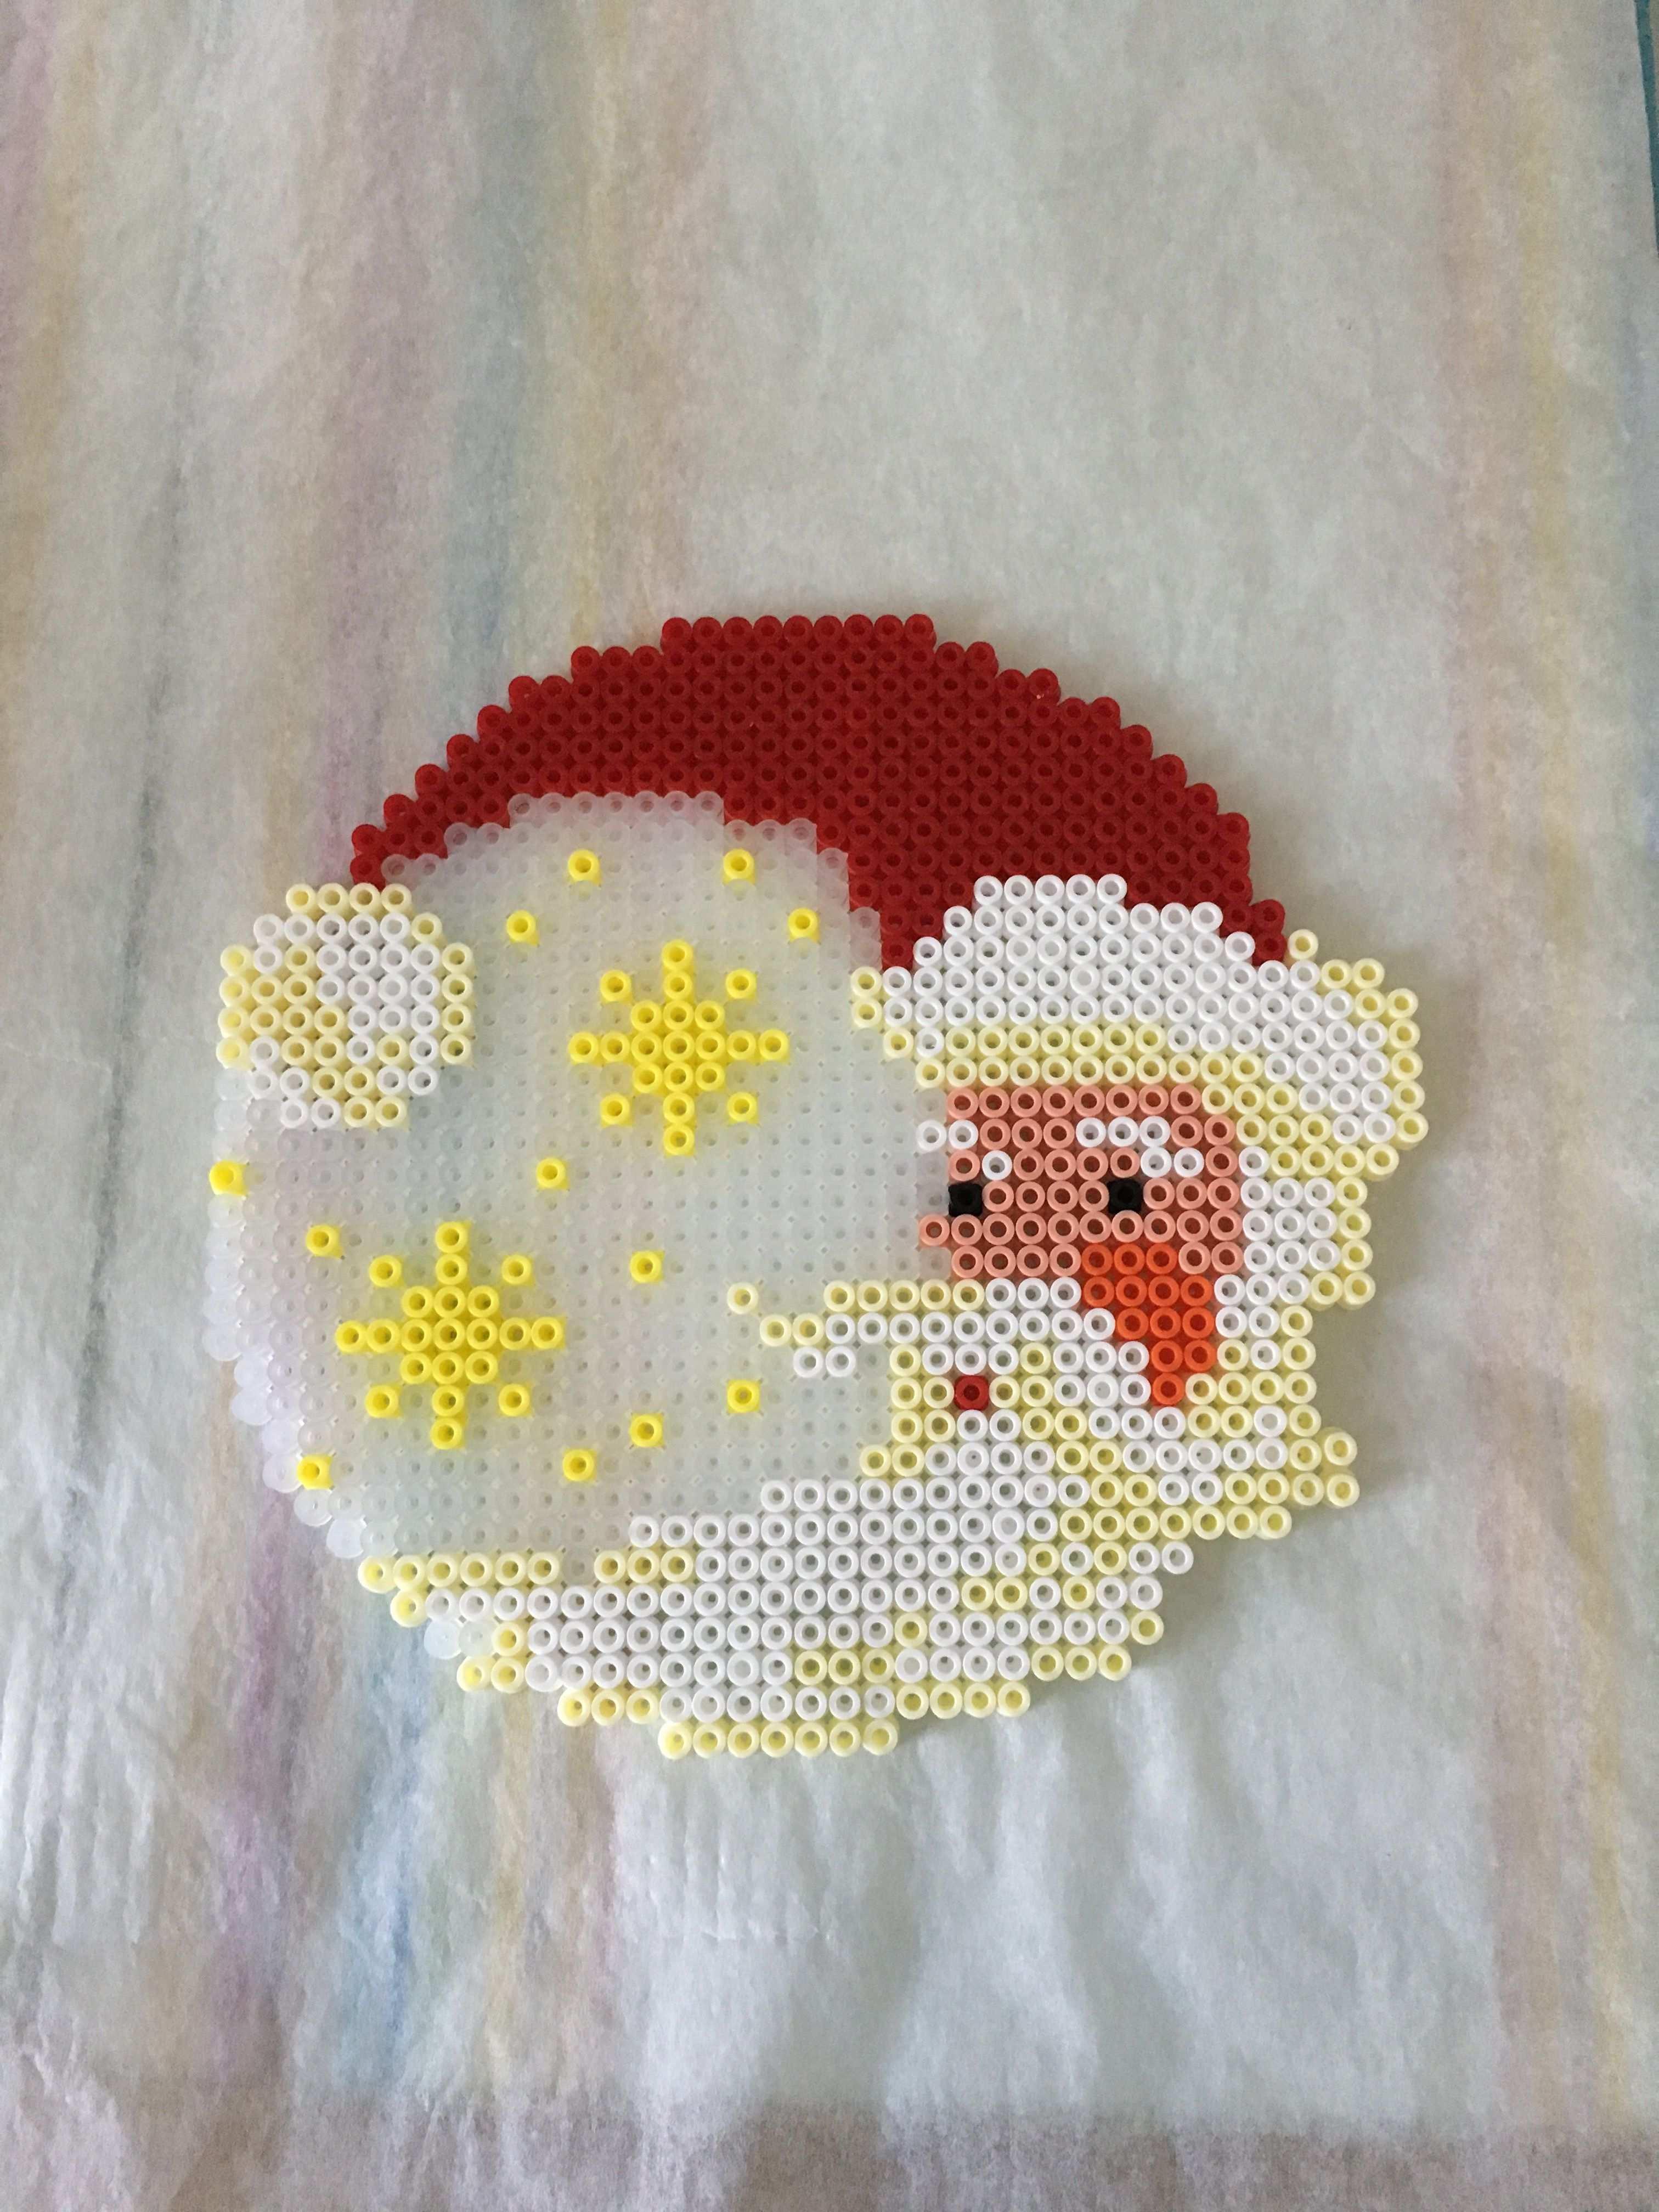 Weihnachtsmann Aus Bugelperlen Basteln Mit Bugelperlen Weihnachten Bugelperlen Buegelperlen Weihnachten